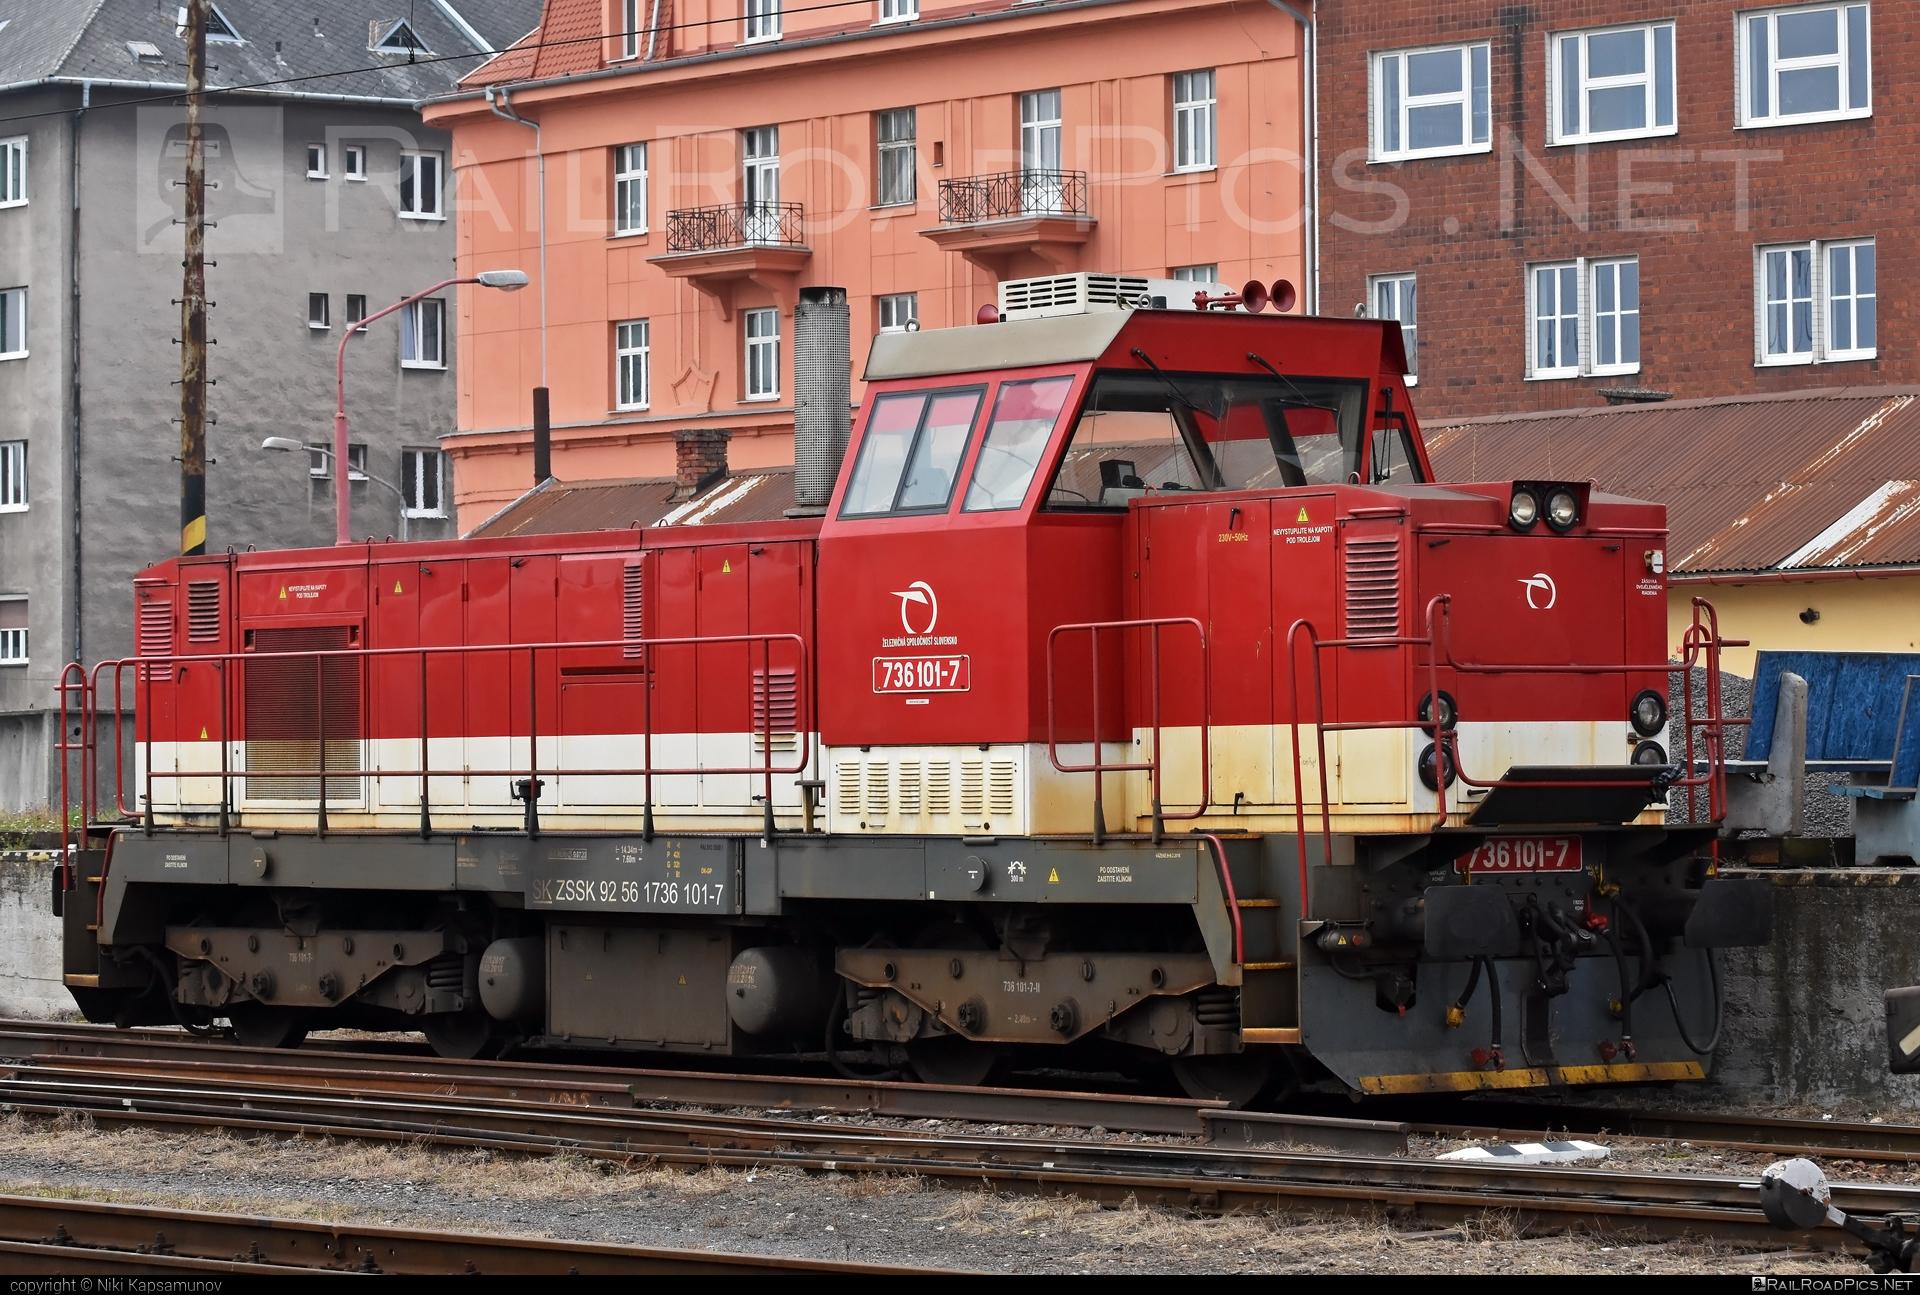 ŽOS Zvolen Class 736 - 736 101-7 operated by Železničná Spoločnost' Slovensko, a.s. #ZeleznicnaSpolocnostSlovensko #locomotive736 #zoszvolen #zoszvolen736 #zssk